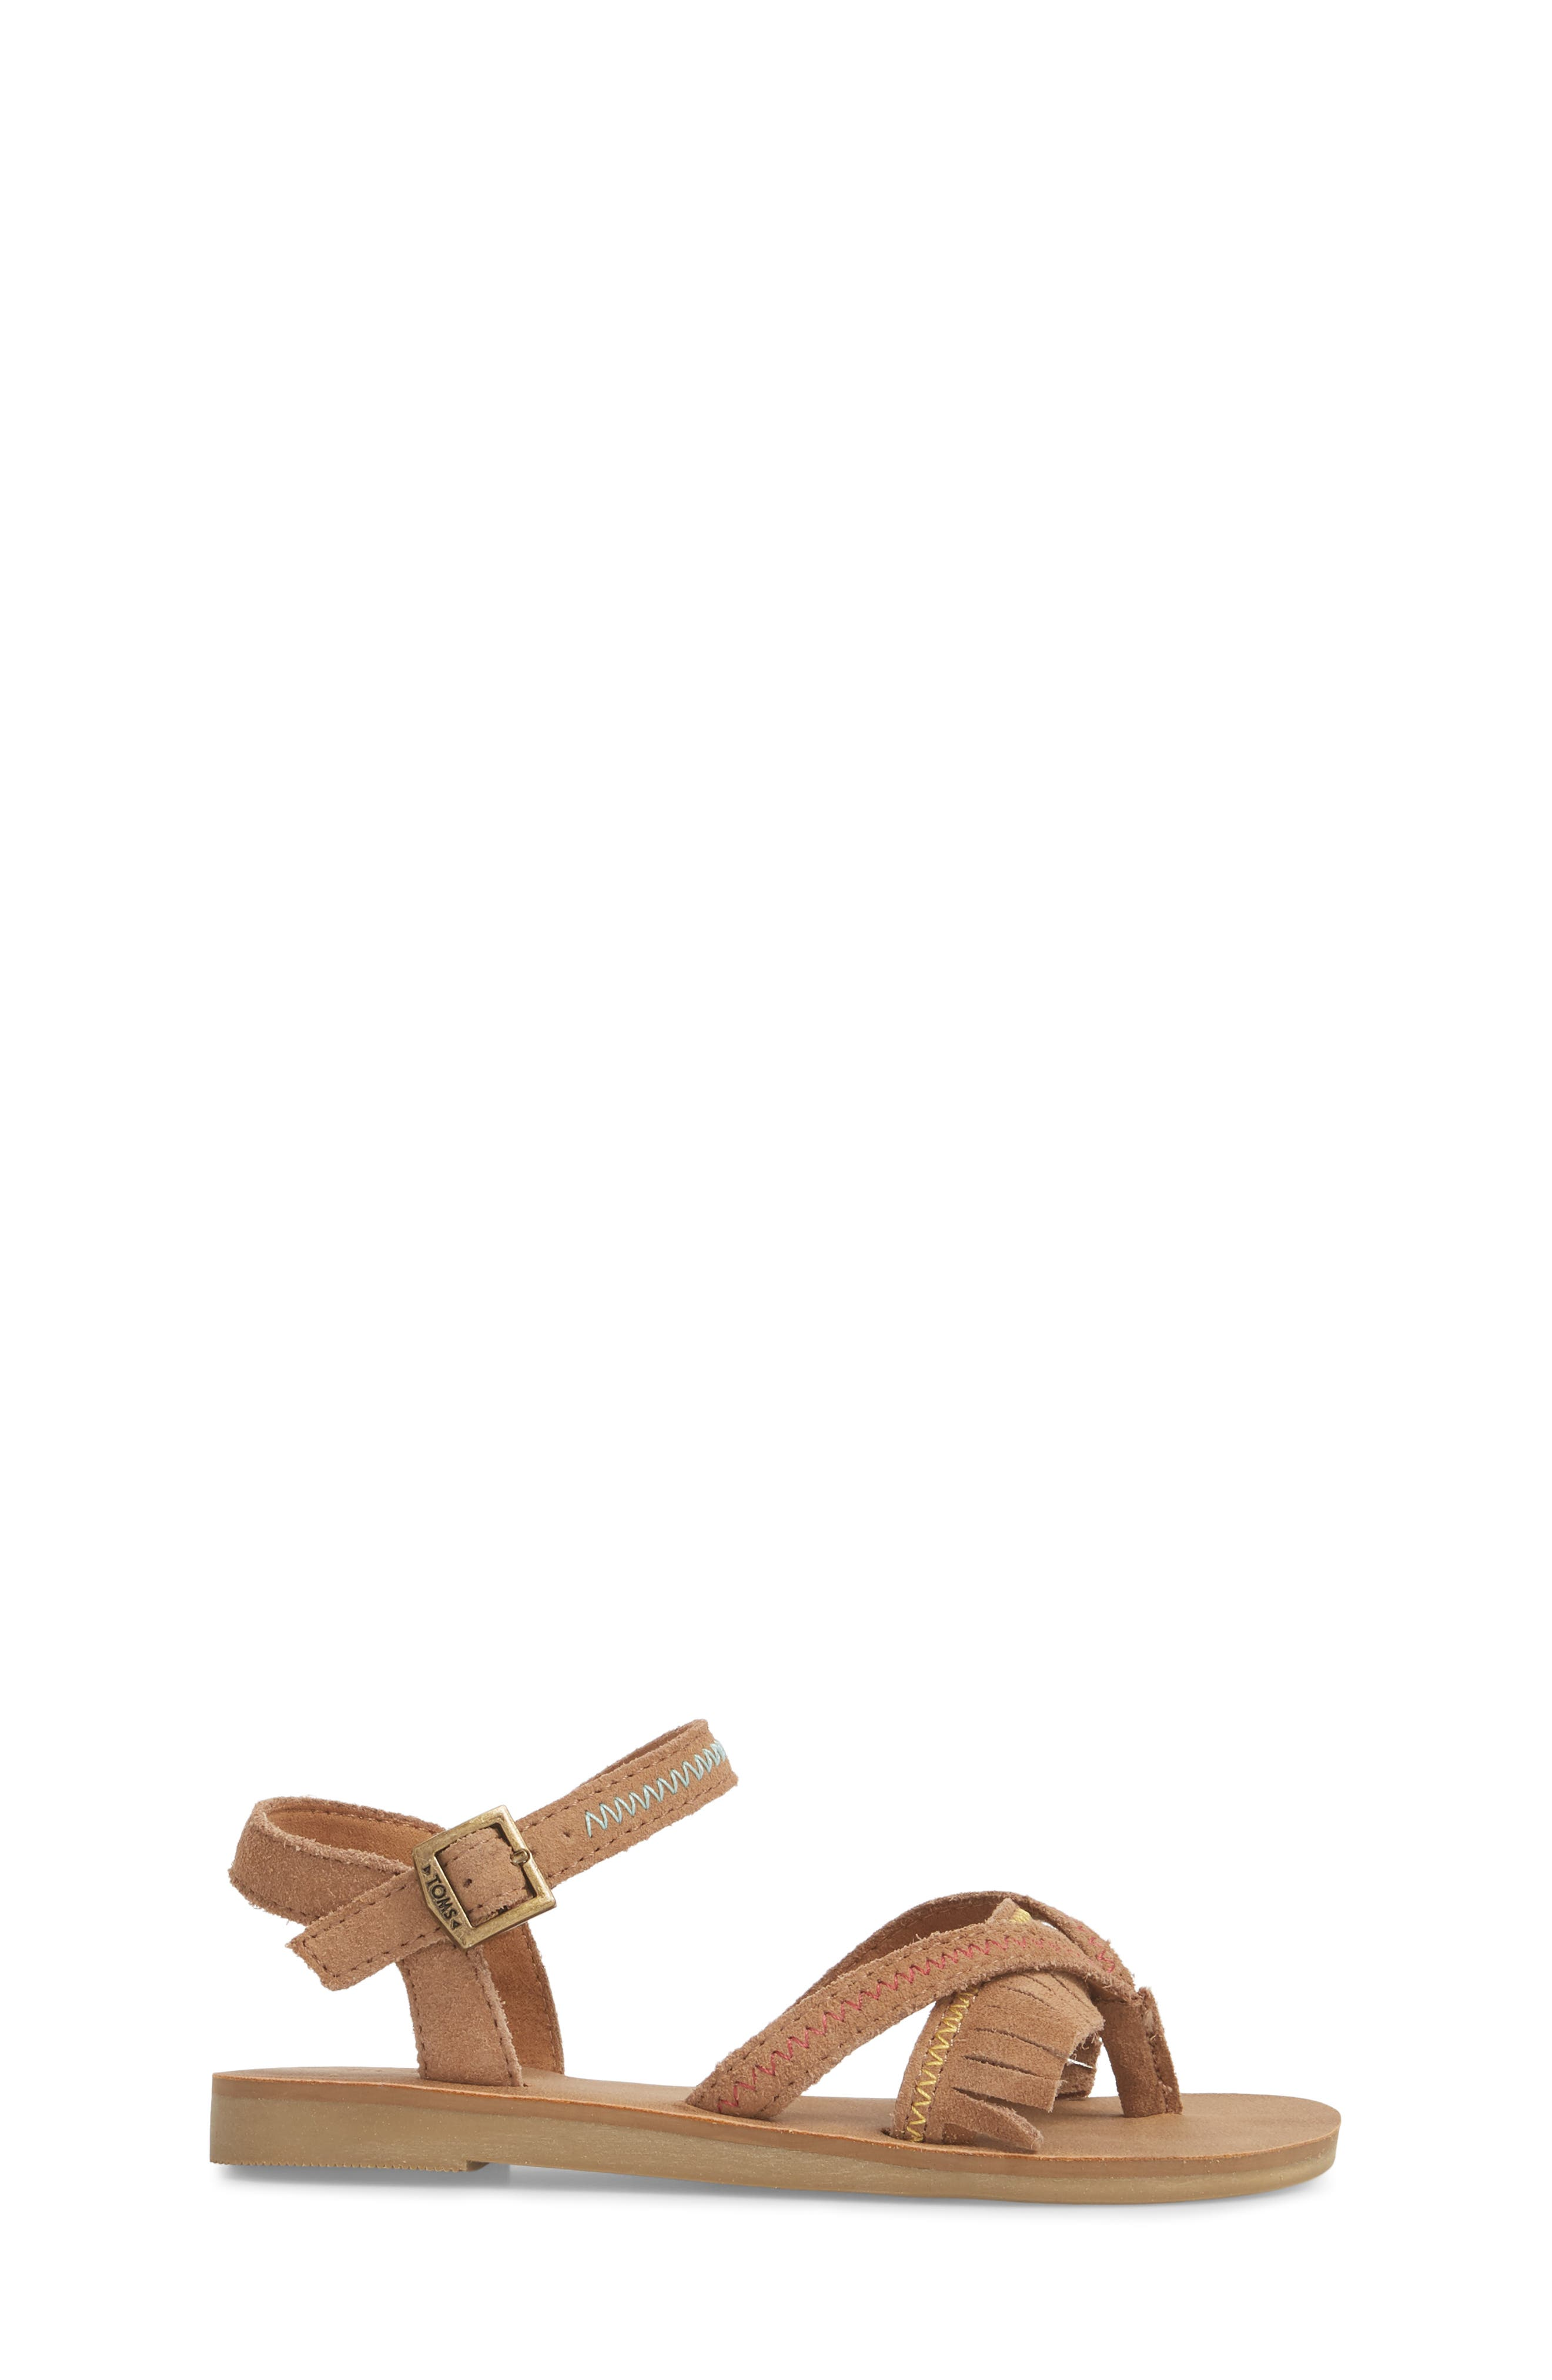 Lexie Fringe Sandal,                             Alternate thumbnail 3, color,